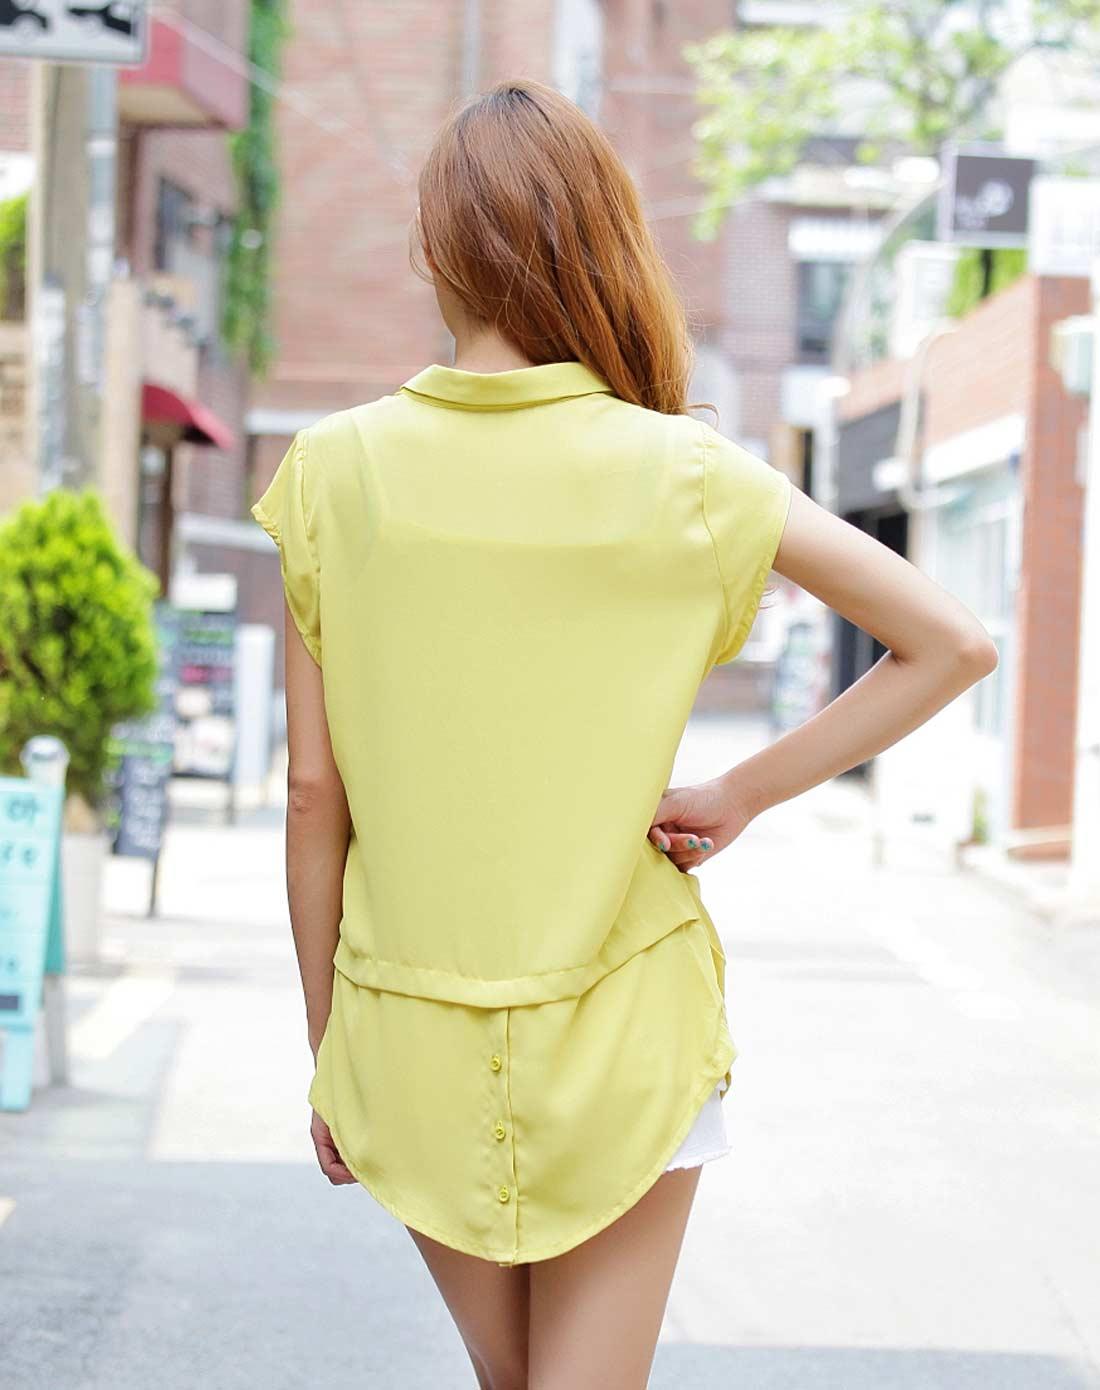 雪纺衫无袖黄色